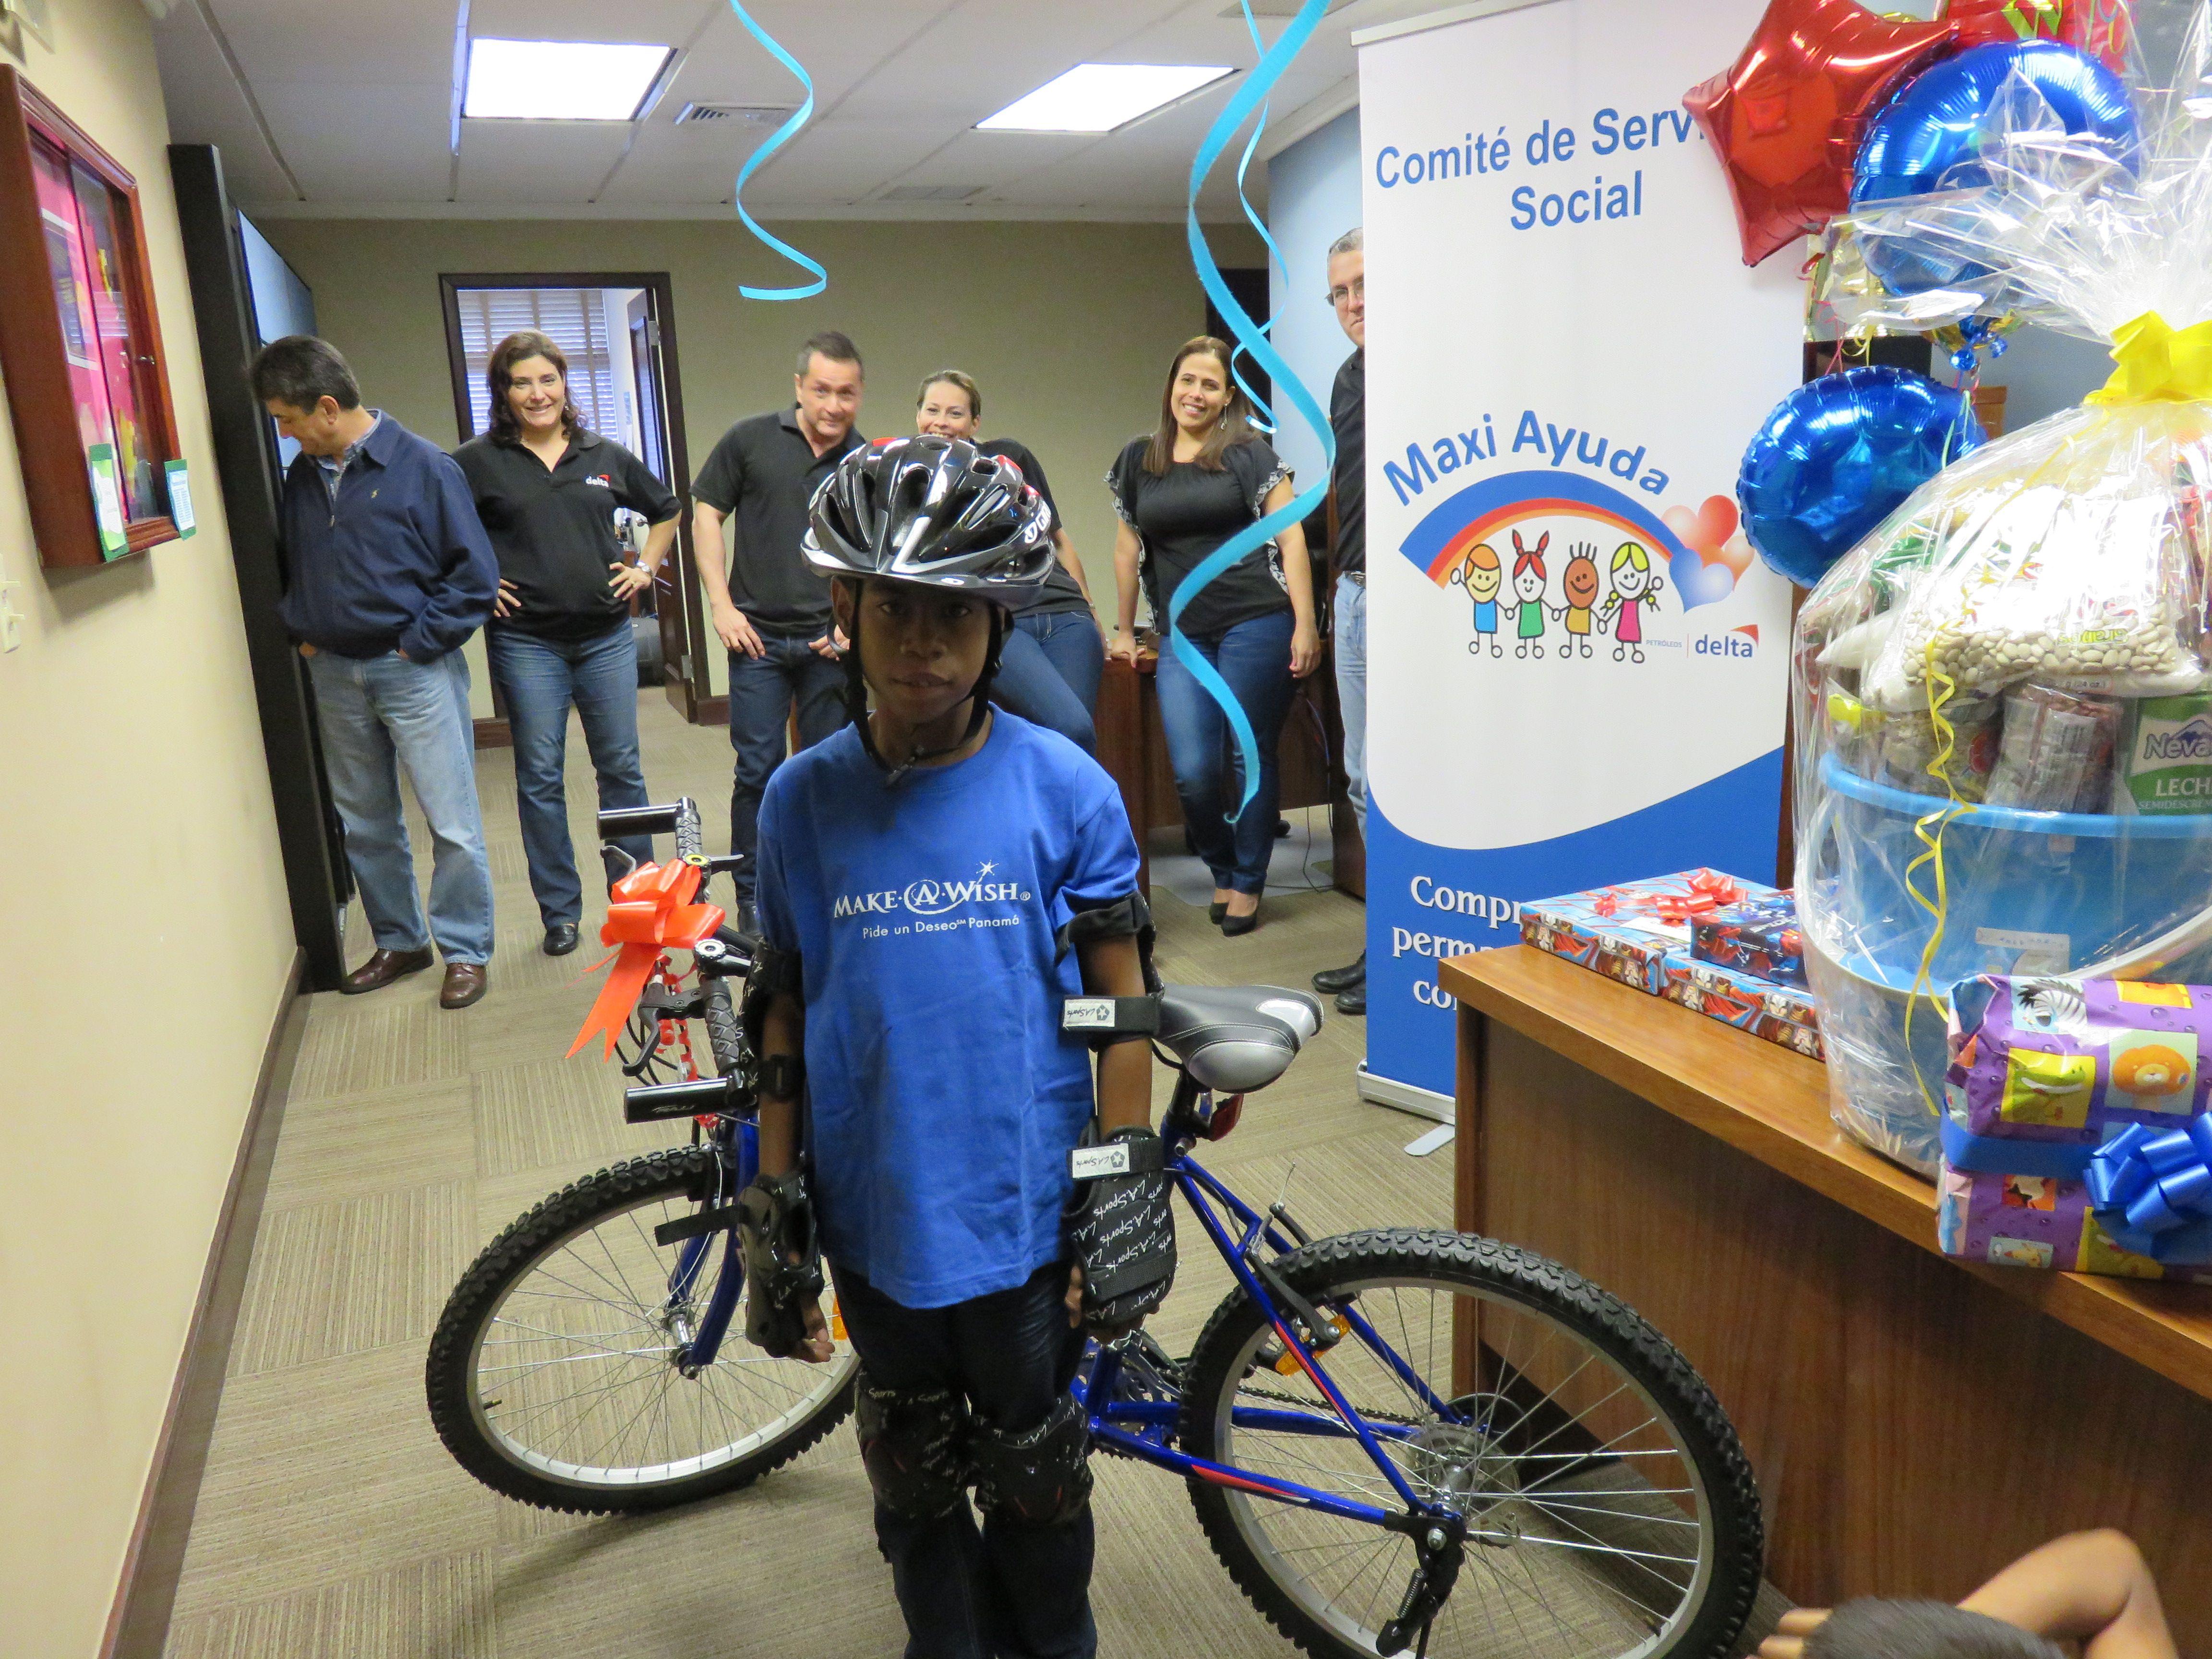 Fernando, 12 años, Anemia Falciforme + ACV. Su deseo era tener una bicicleta y gracias a nuestros voluntarios corporativos de Petróleos Delta su ilusión se convirtió en una realidad. No hay mayor satisfacción que ver un Wish Kid sonreír.